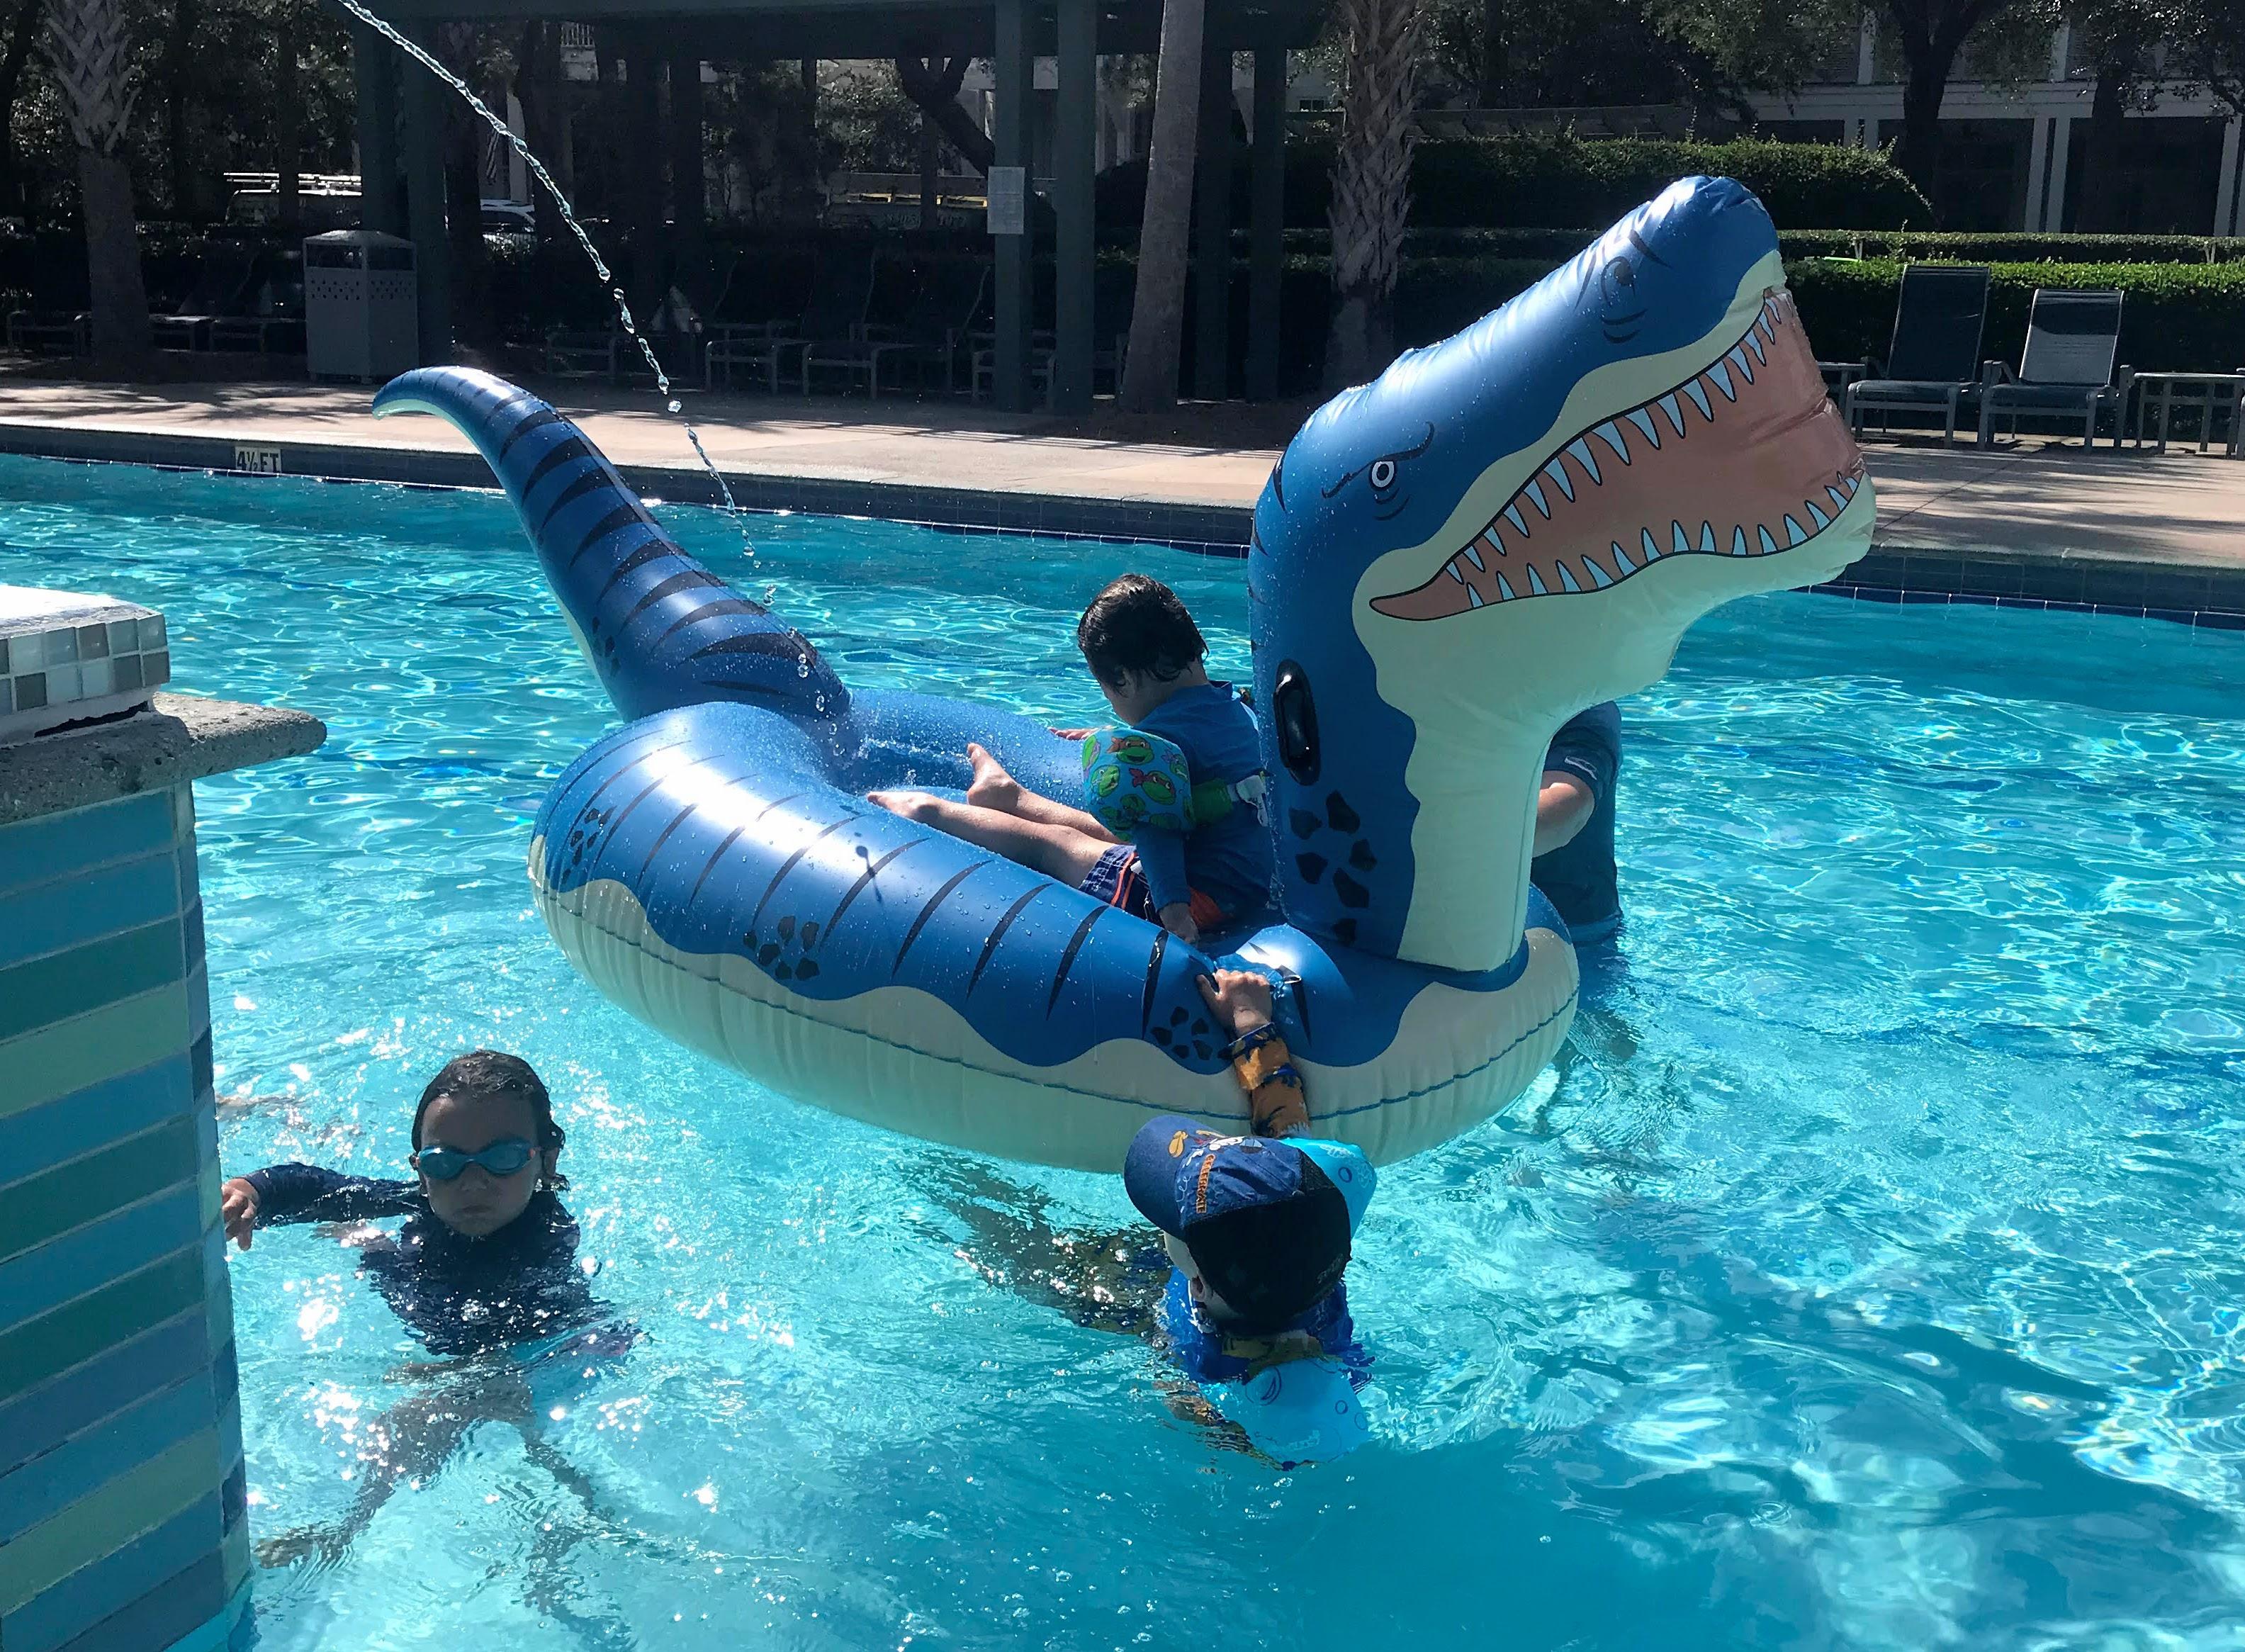 dinosaur pool float